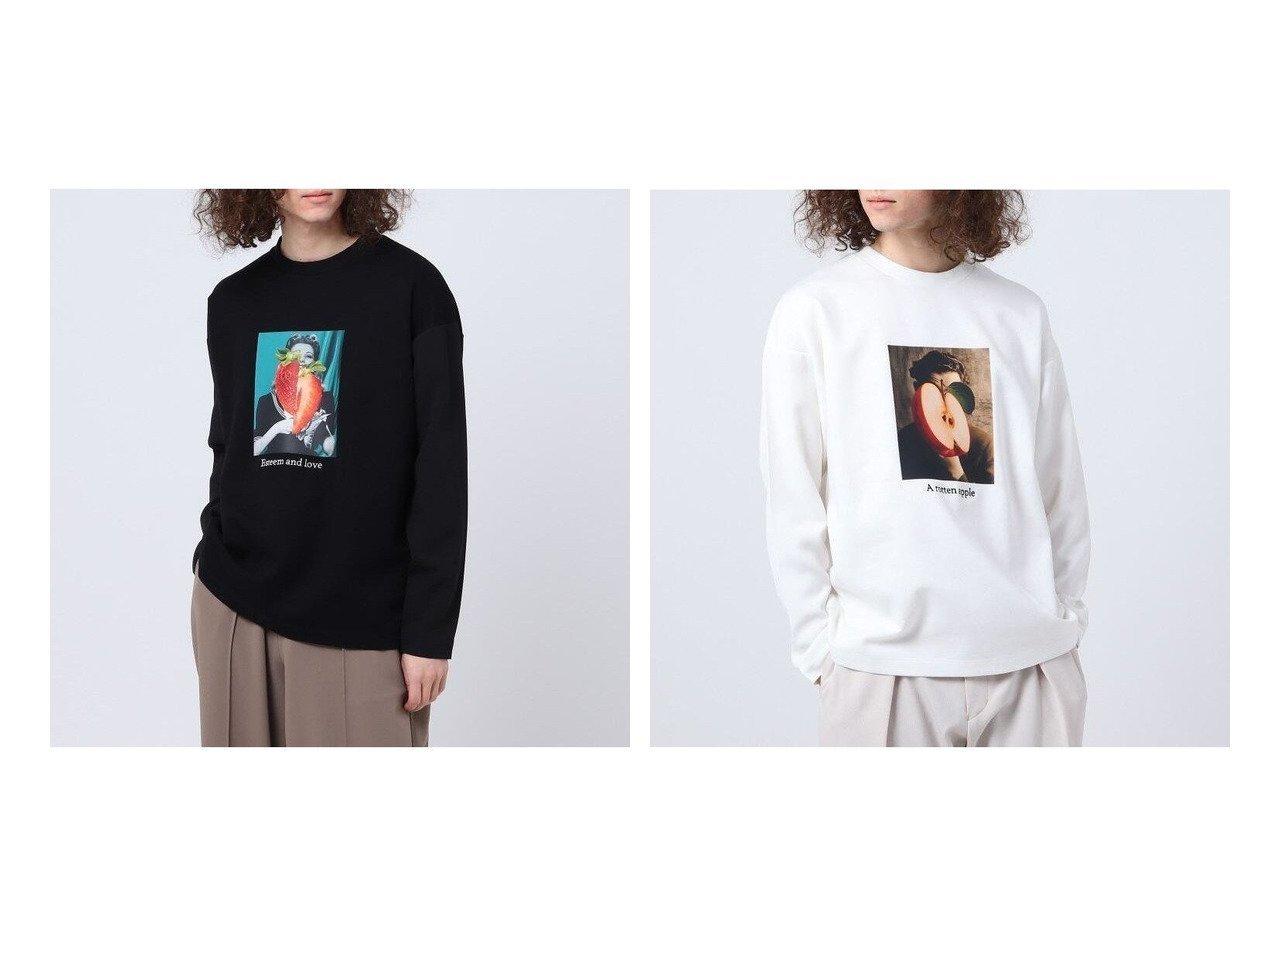 【tk TAKEO KIKUCHI / MEN/ティーケー】のフルーツコラージュギミックTシャツ 【MEN】おすすめ!人気トレンド・男性、メンズファッションの通販 おすすめで人気の流行・トレンド、ファッションの通販商品 メンズファッション・キッズファッション・インテリア・家具・レディースファッション・服の通販 founy(ファニー) https://founy.com/ ファッション Fashion メンズファッション MEN トップス カットソー Tops Tshirt Men シャツ Shirts おすすめ Recommend インナー グラフィック ジャケット プリント ミックス |ID:crp329100000023125